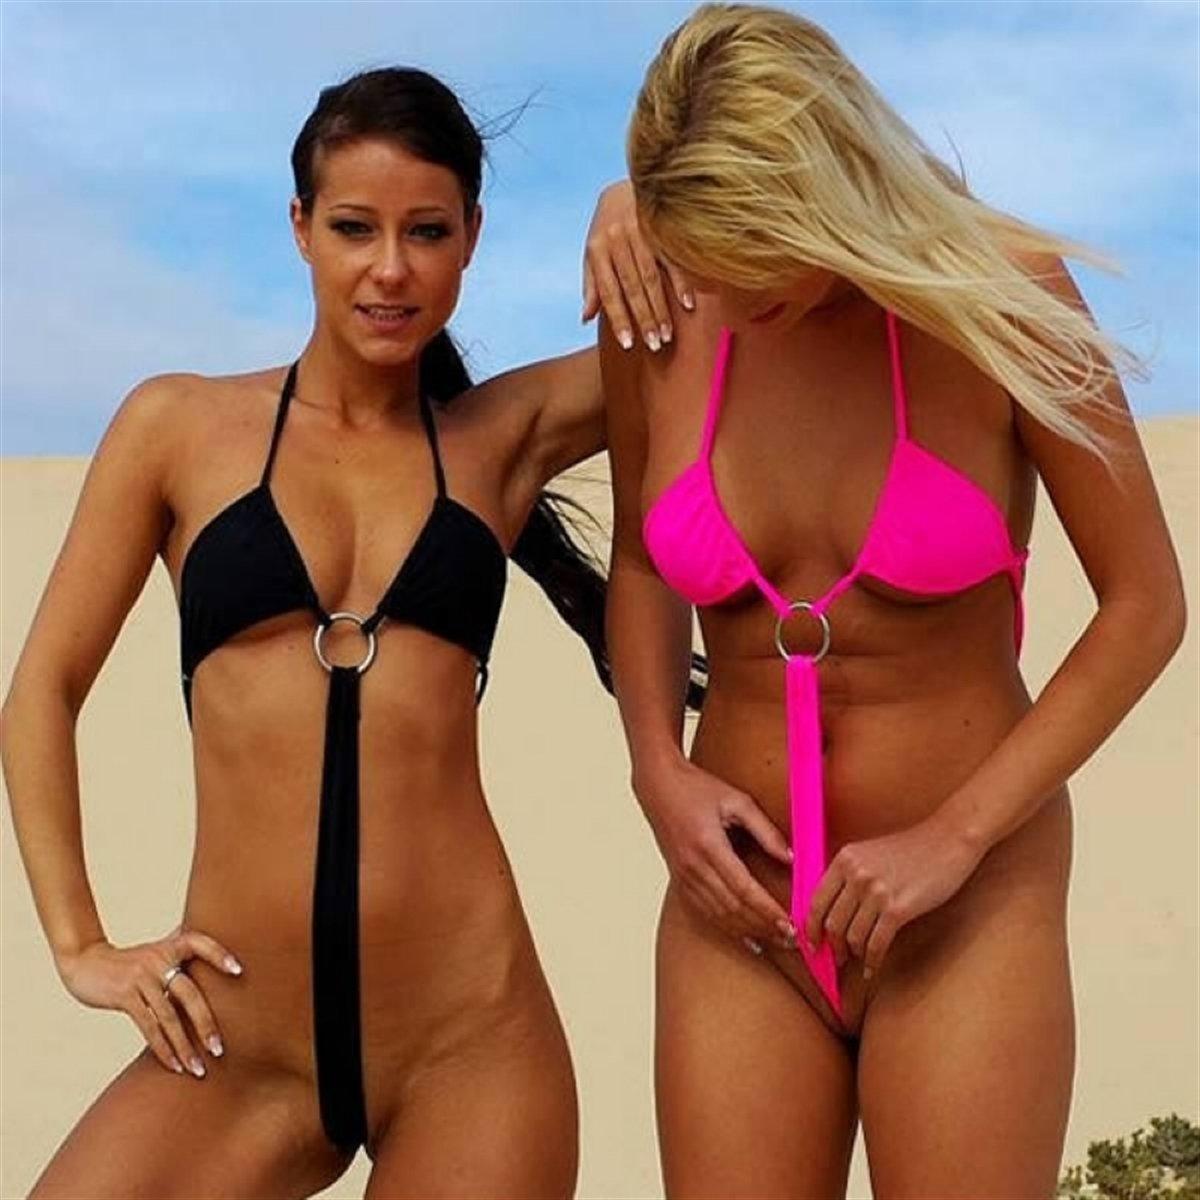 прозрачный экстремальный бикини на пляже фото - 6